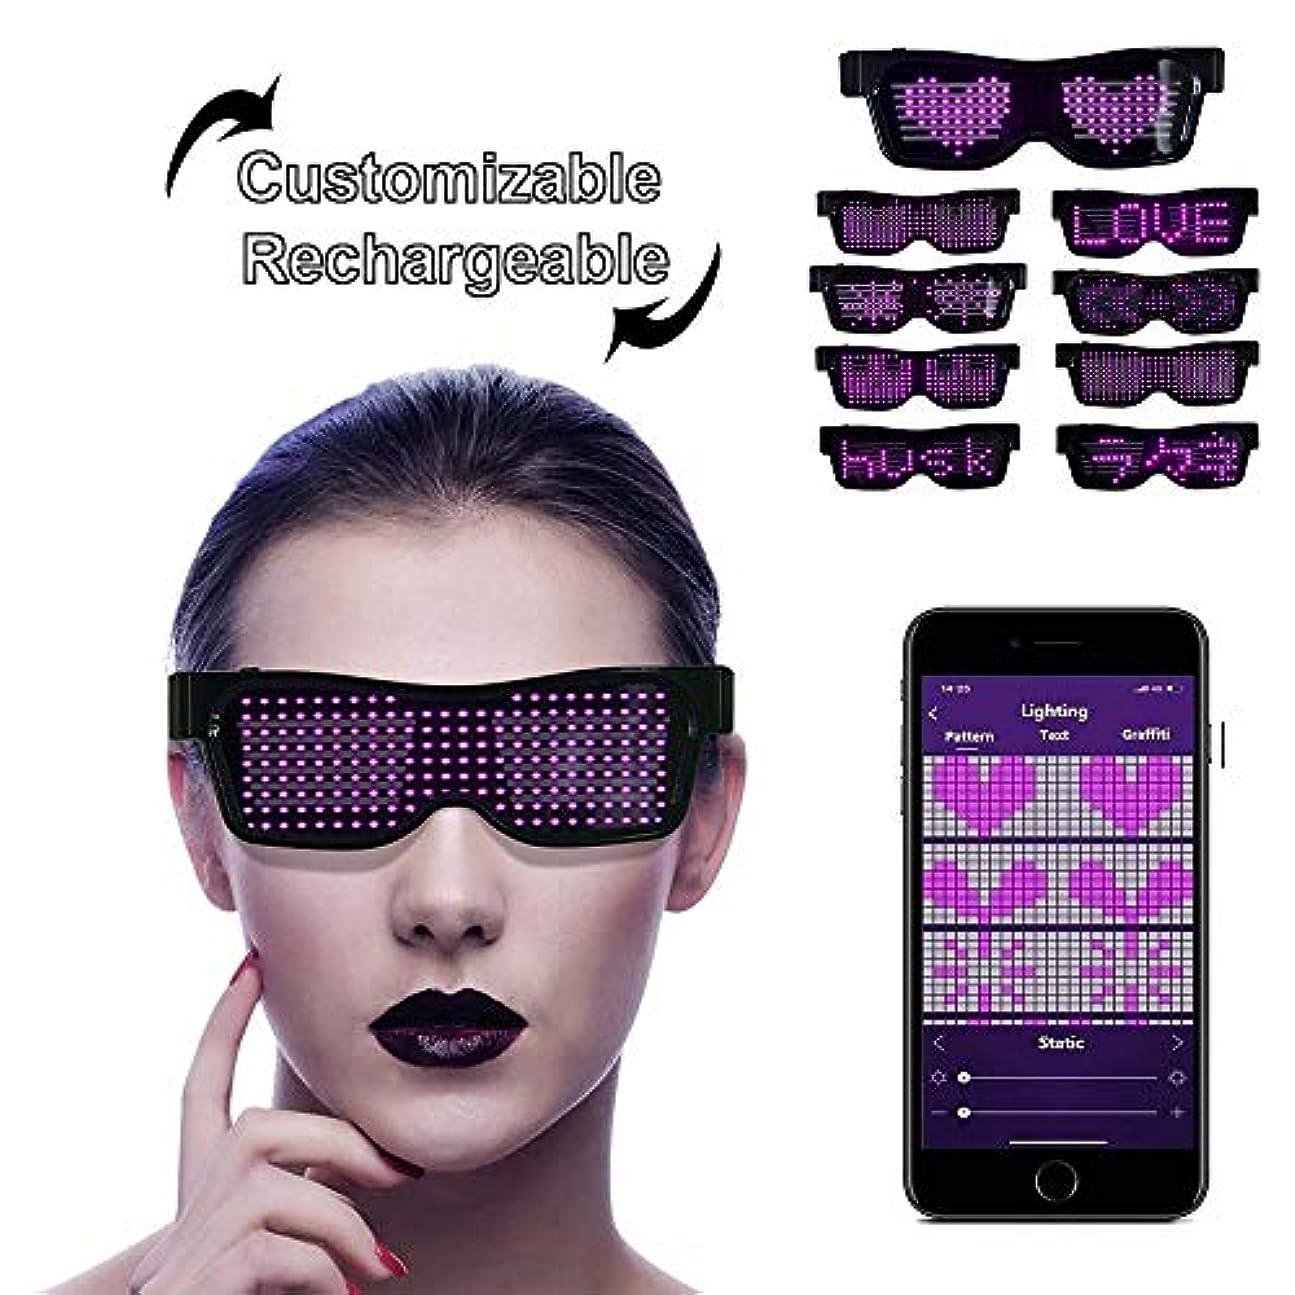 LEDサングラス, LEDメガネ ブルートゥースLEDパーティーメガネカスタマイズ可能なLEDメガネUSB充電式9モードワイヤレス点滅LEDディスプレイ、フェスティバル用グロー眼鏡レイヴパーティー